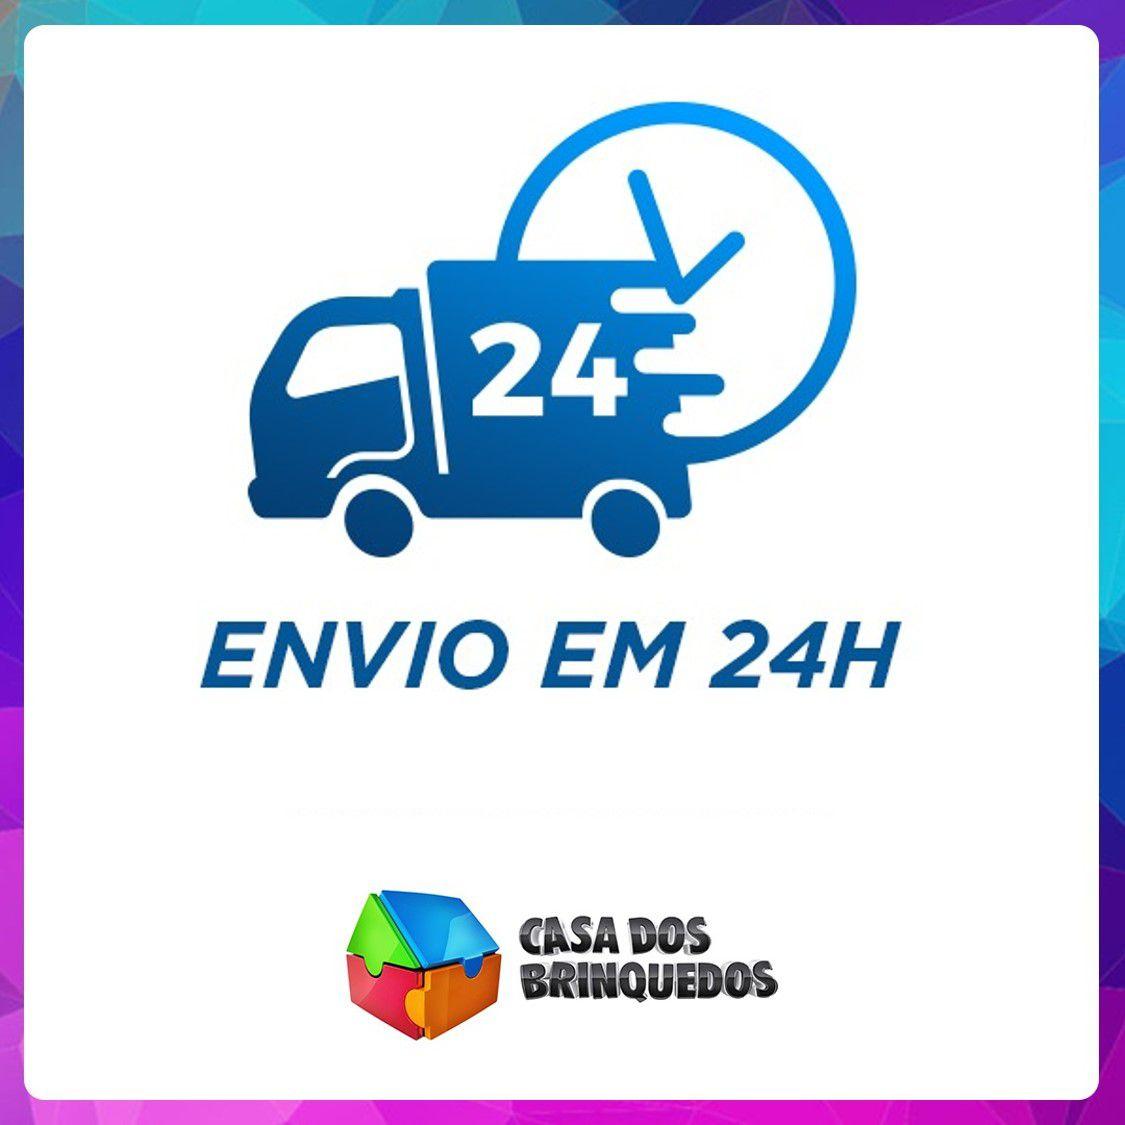 CHOCALHO CHAVEIRO COM SOM 0628 YES TOYS